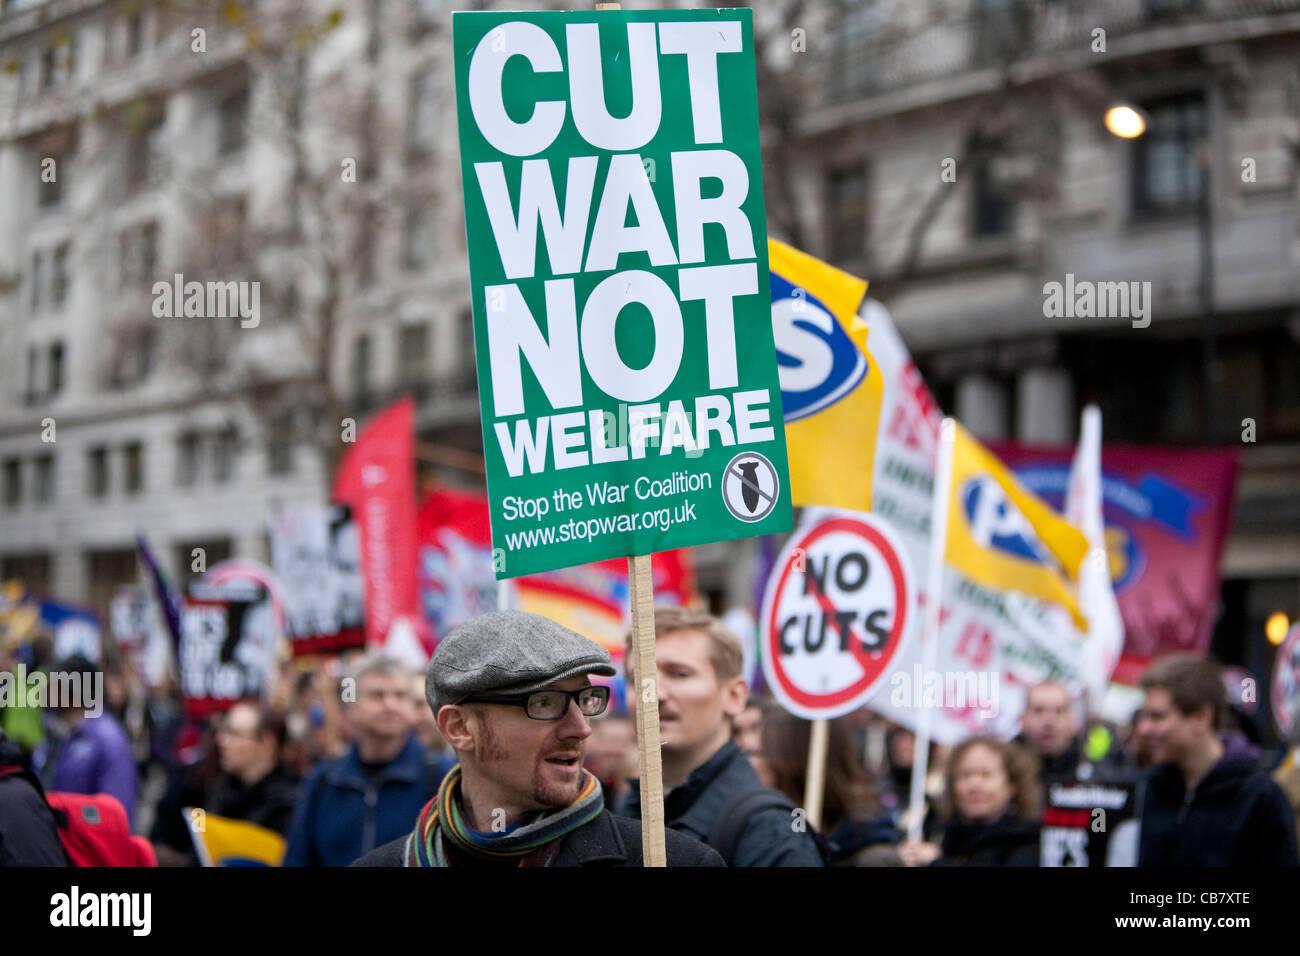 Huelga del sector público (los sindicatos), Londres, Inglaterra, 2011 Imagen De Stock